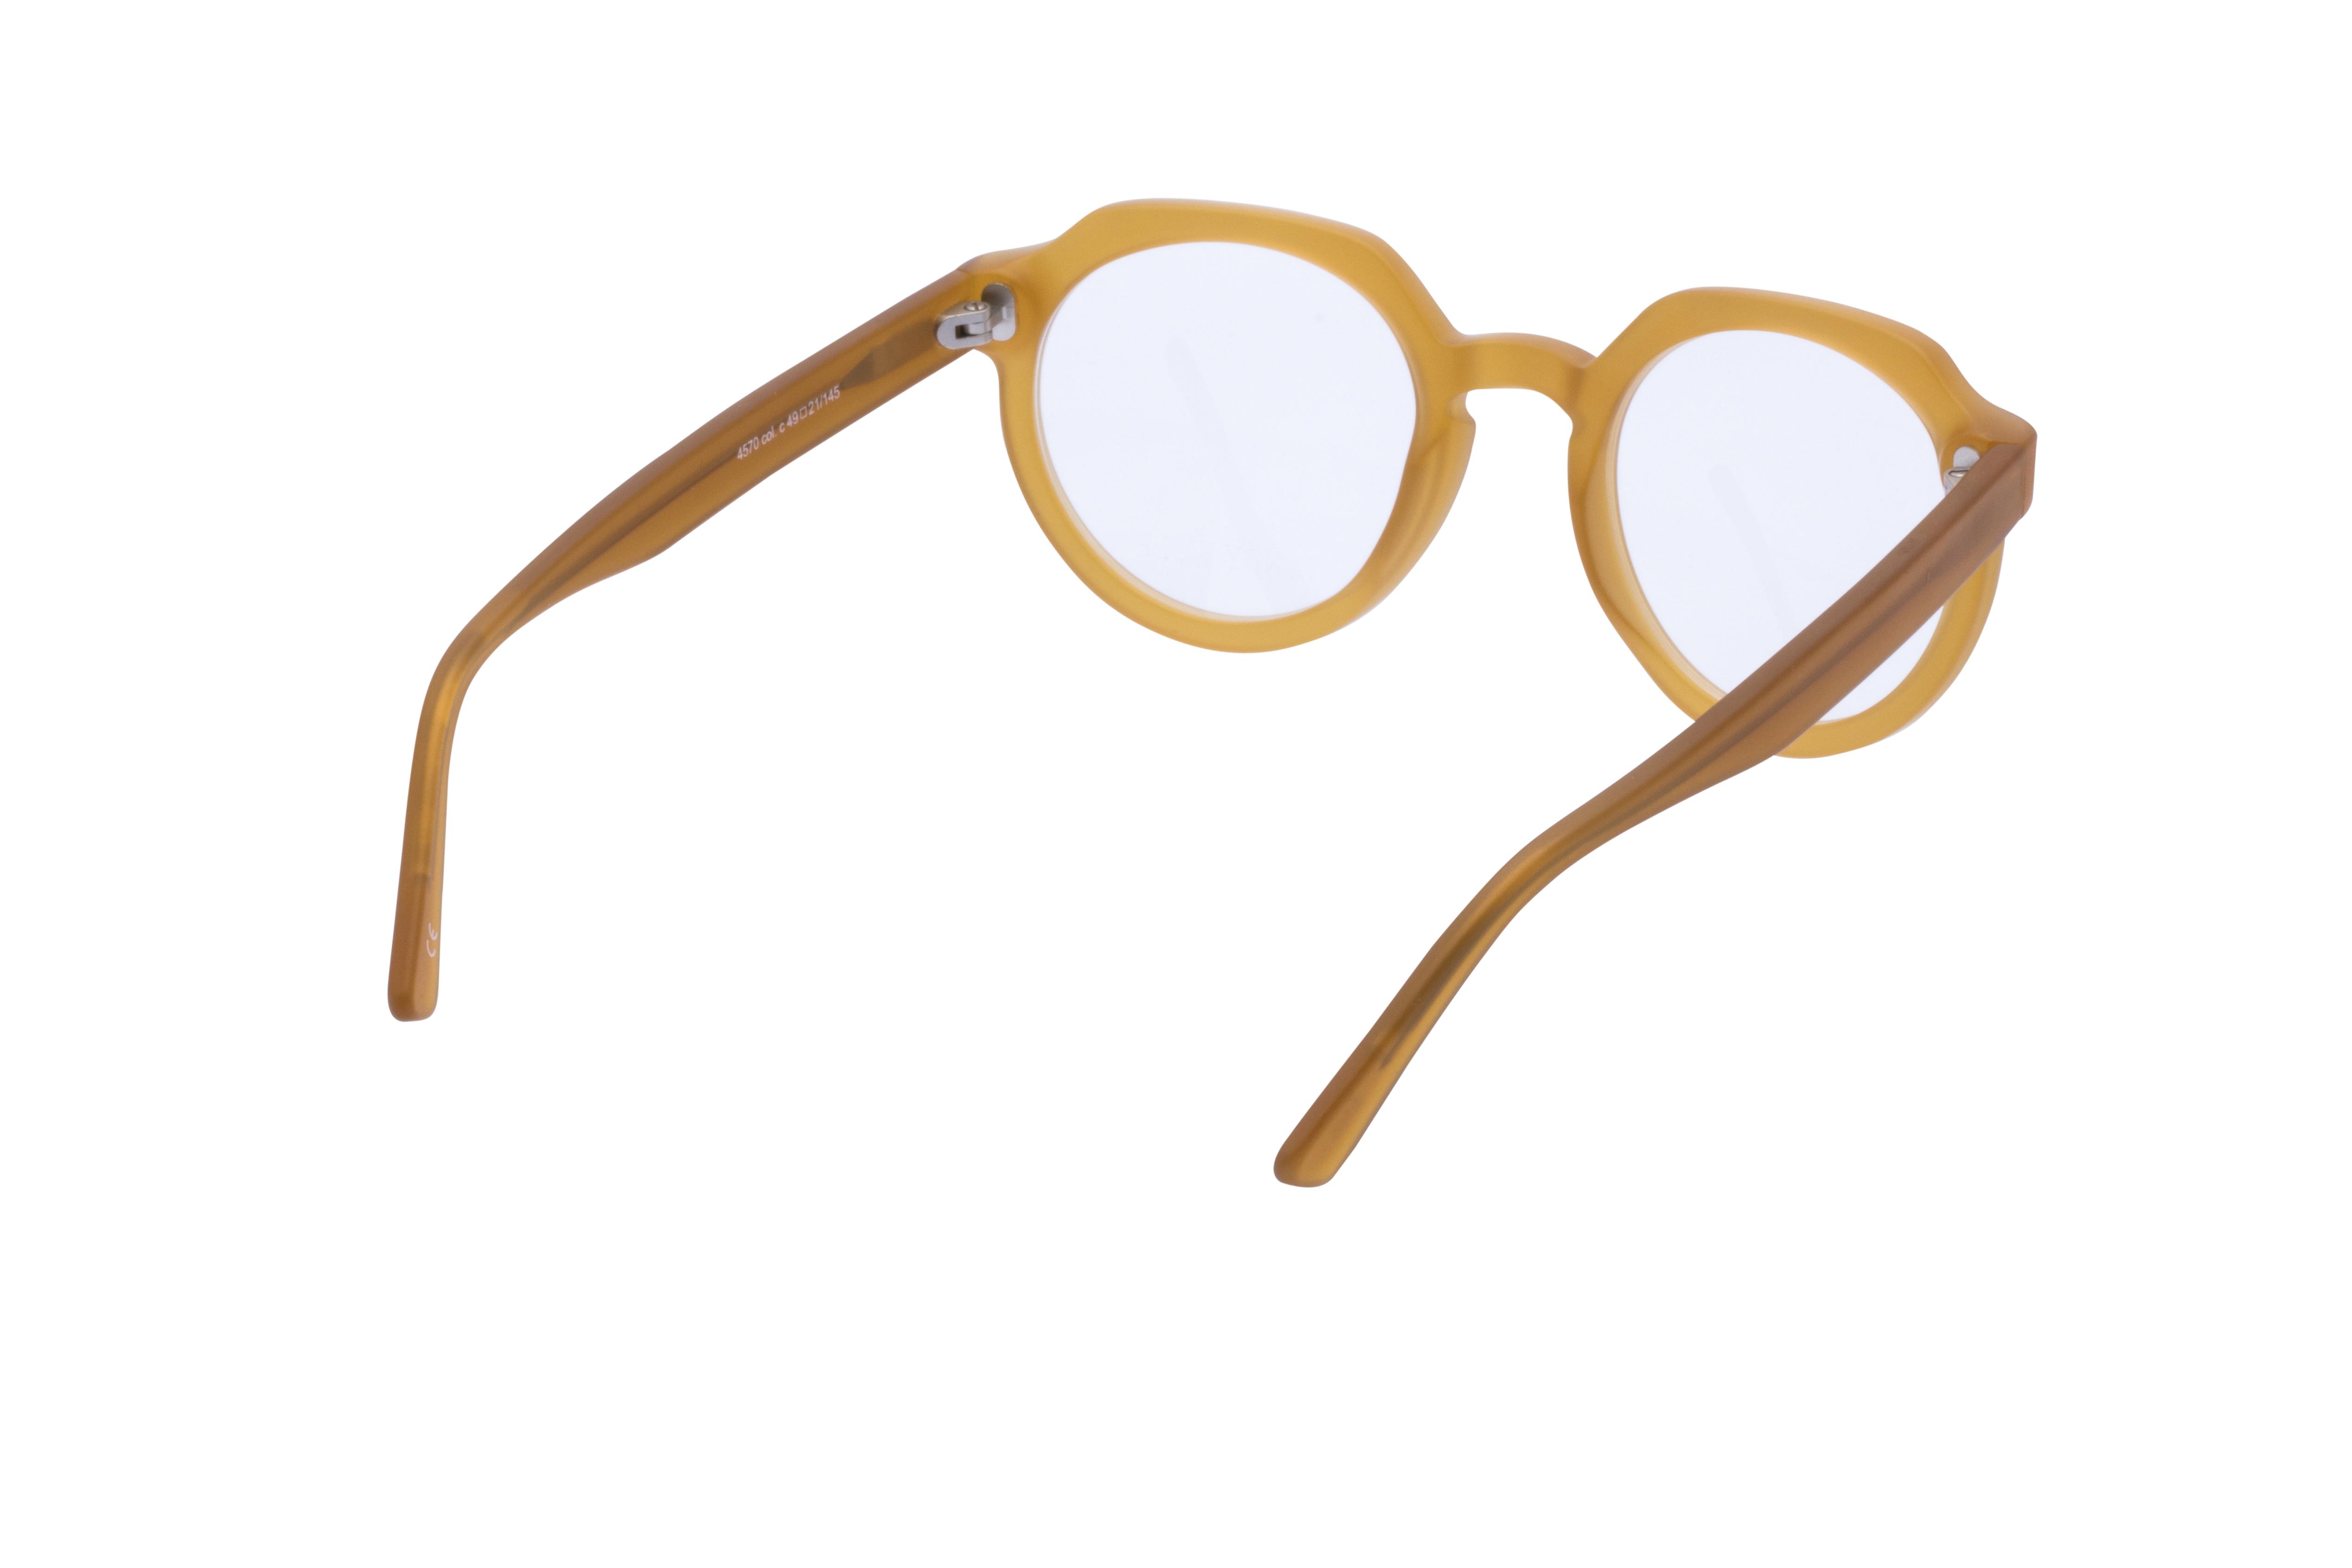 360 Grad Ansicht 10 Andy Wolf 4570, Brille auf Weiß - Fassung bei KUNK